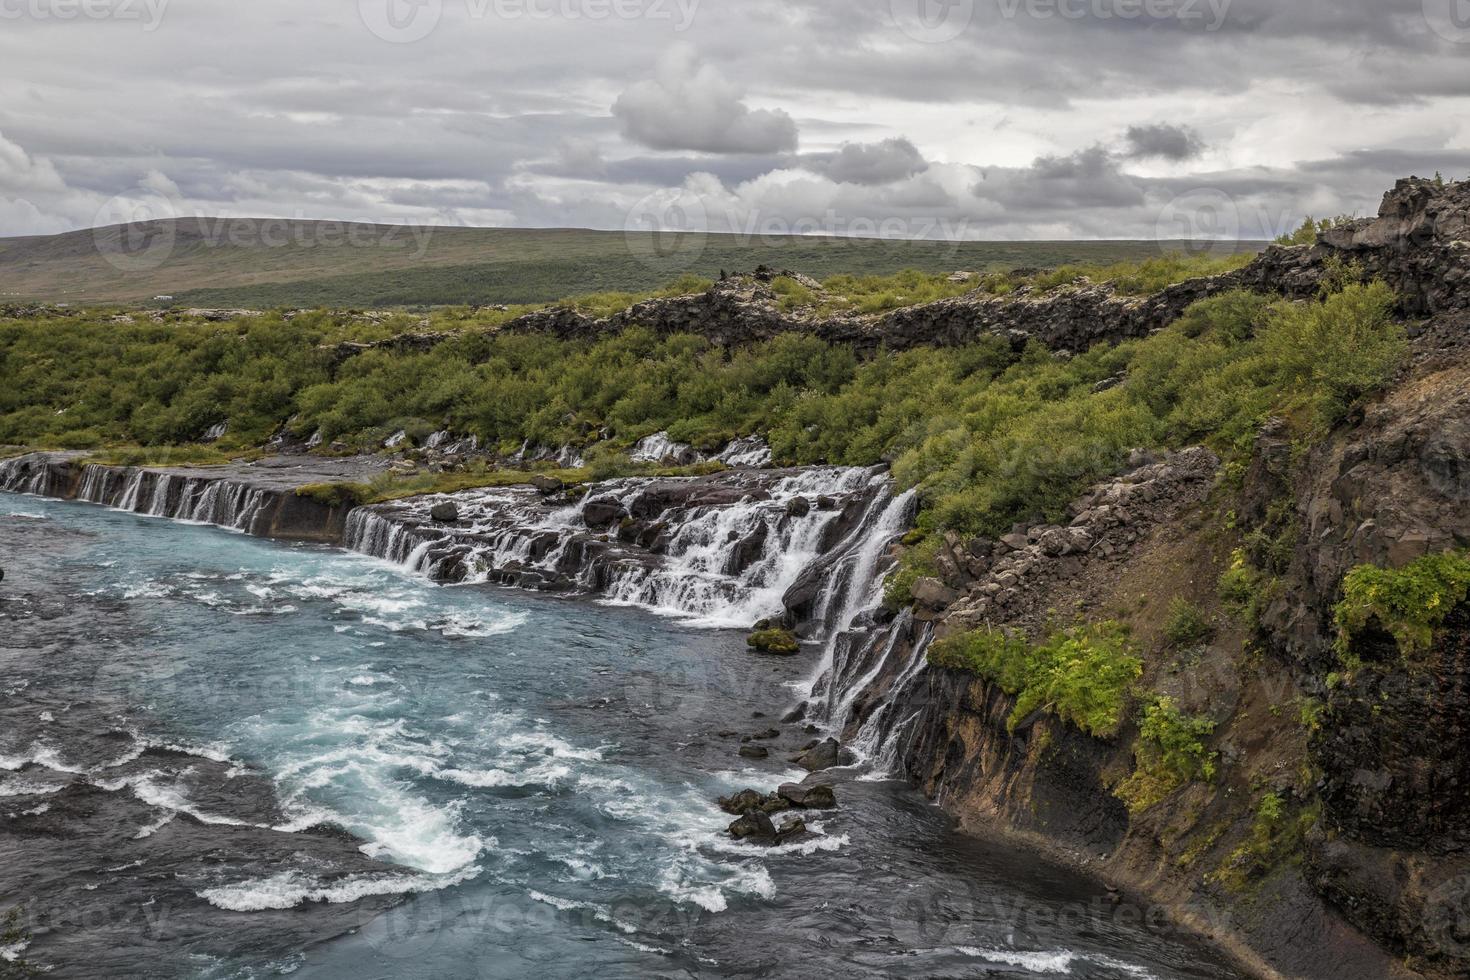 fiume e cascata foto